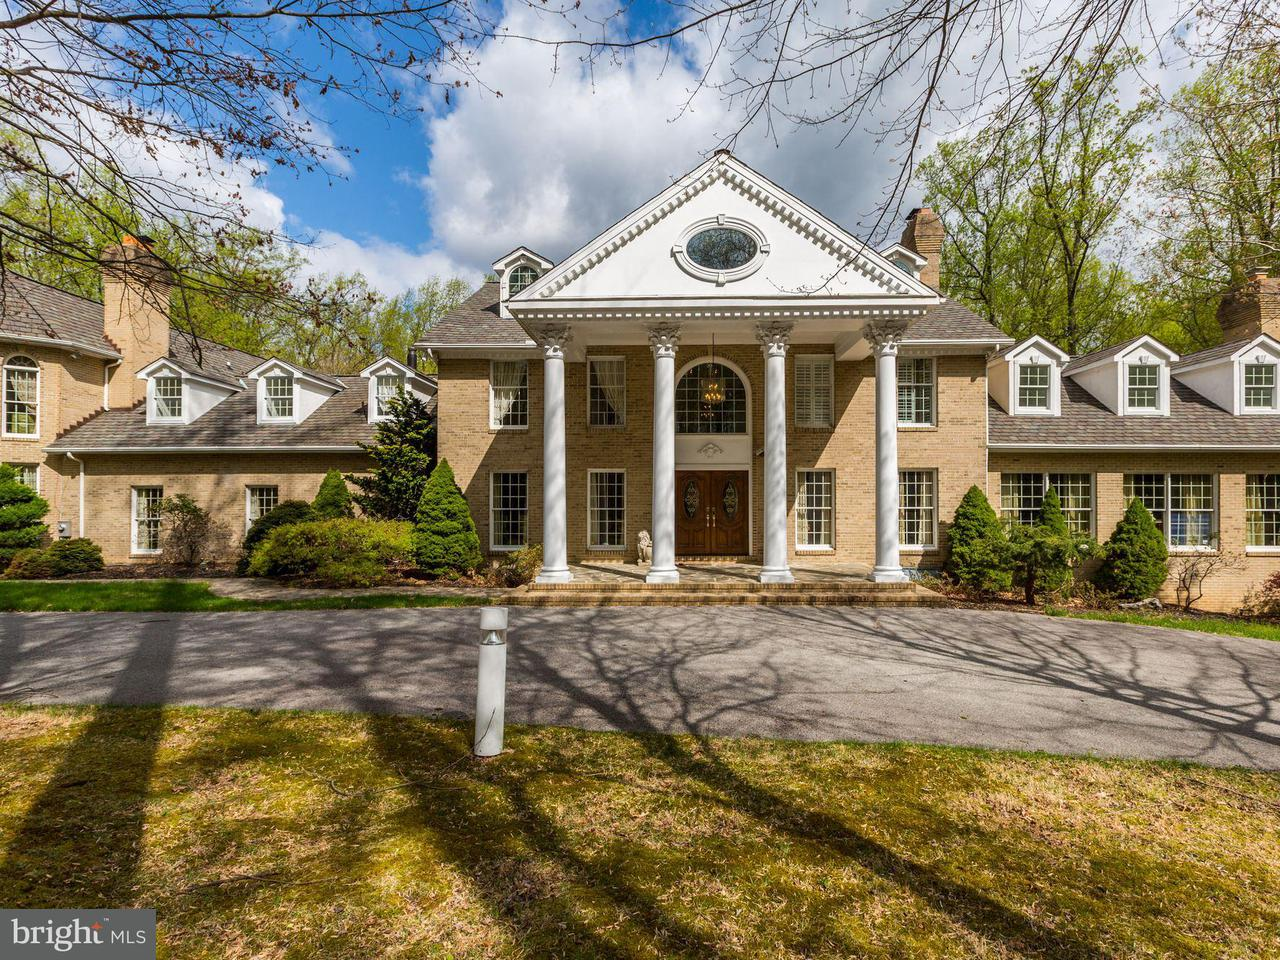 独户住宅 为 销售 在 2304 Tufton Ridge Road 2304 Tufton Ridge Road Reisterstown, 马里兰州 21136 美国